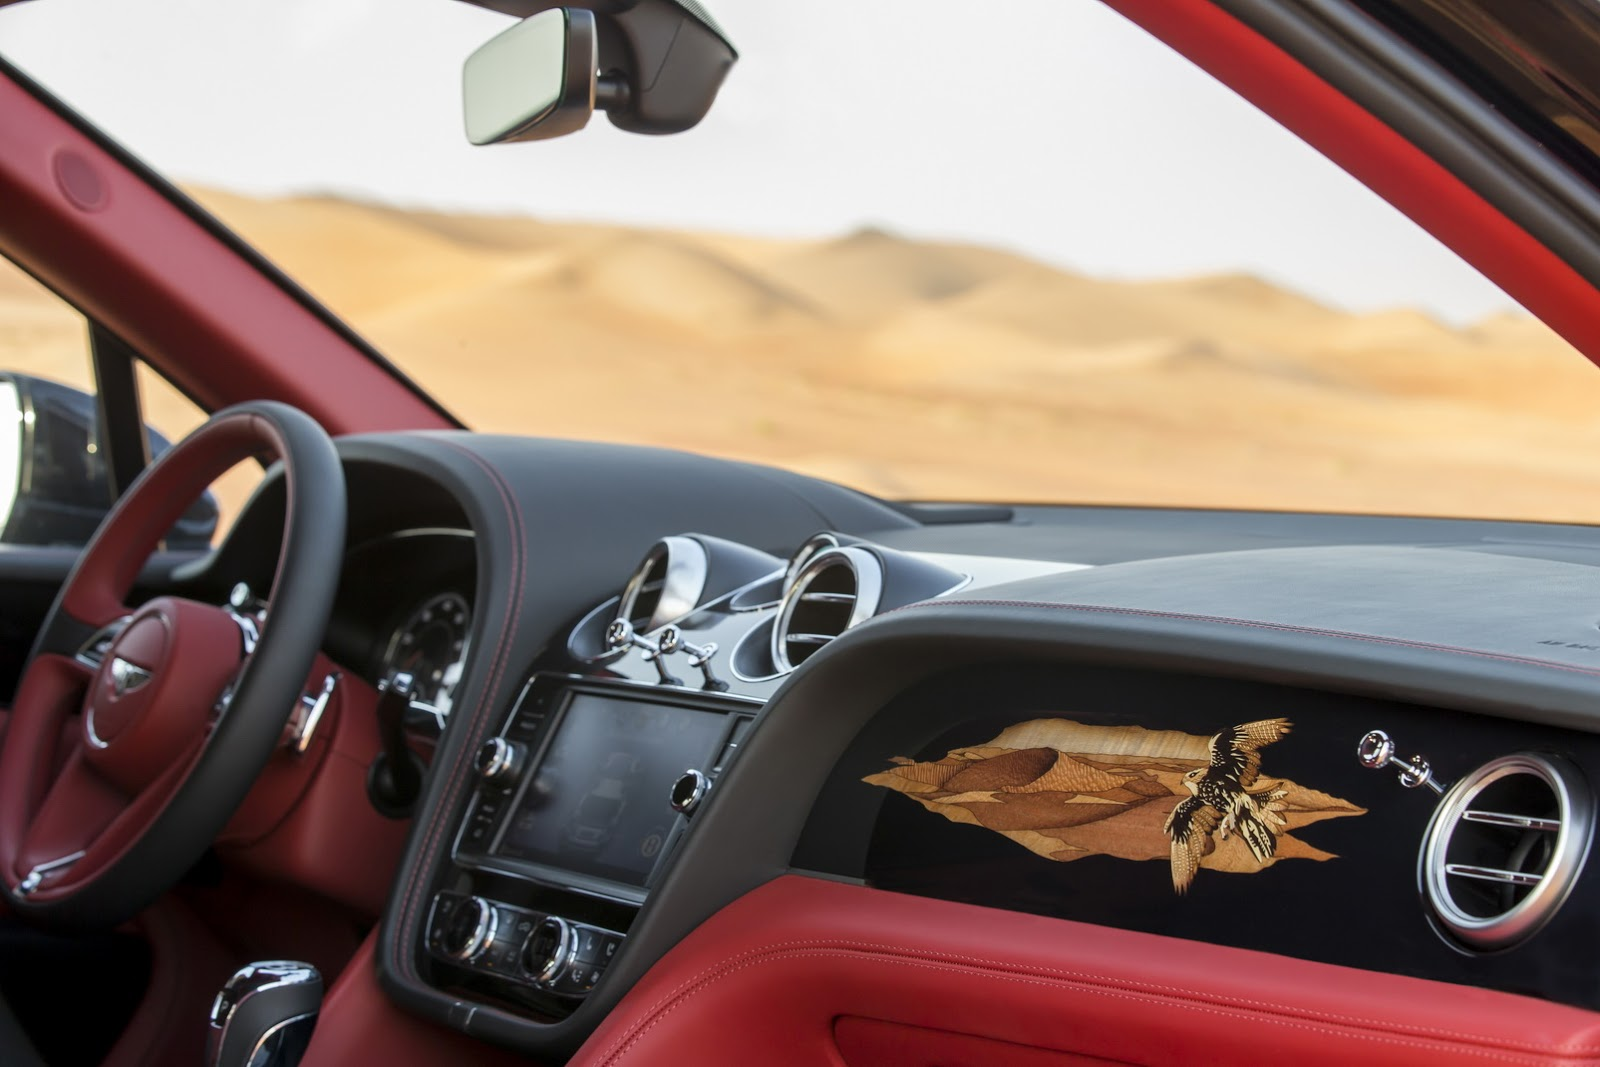 El salpicadero del Bentley Bentayga Falconry, un lujo al alcance de muy pocos.